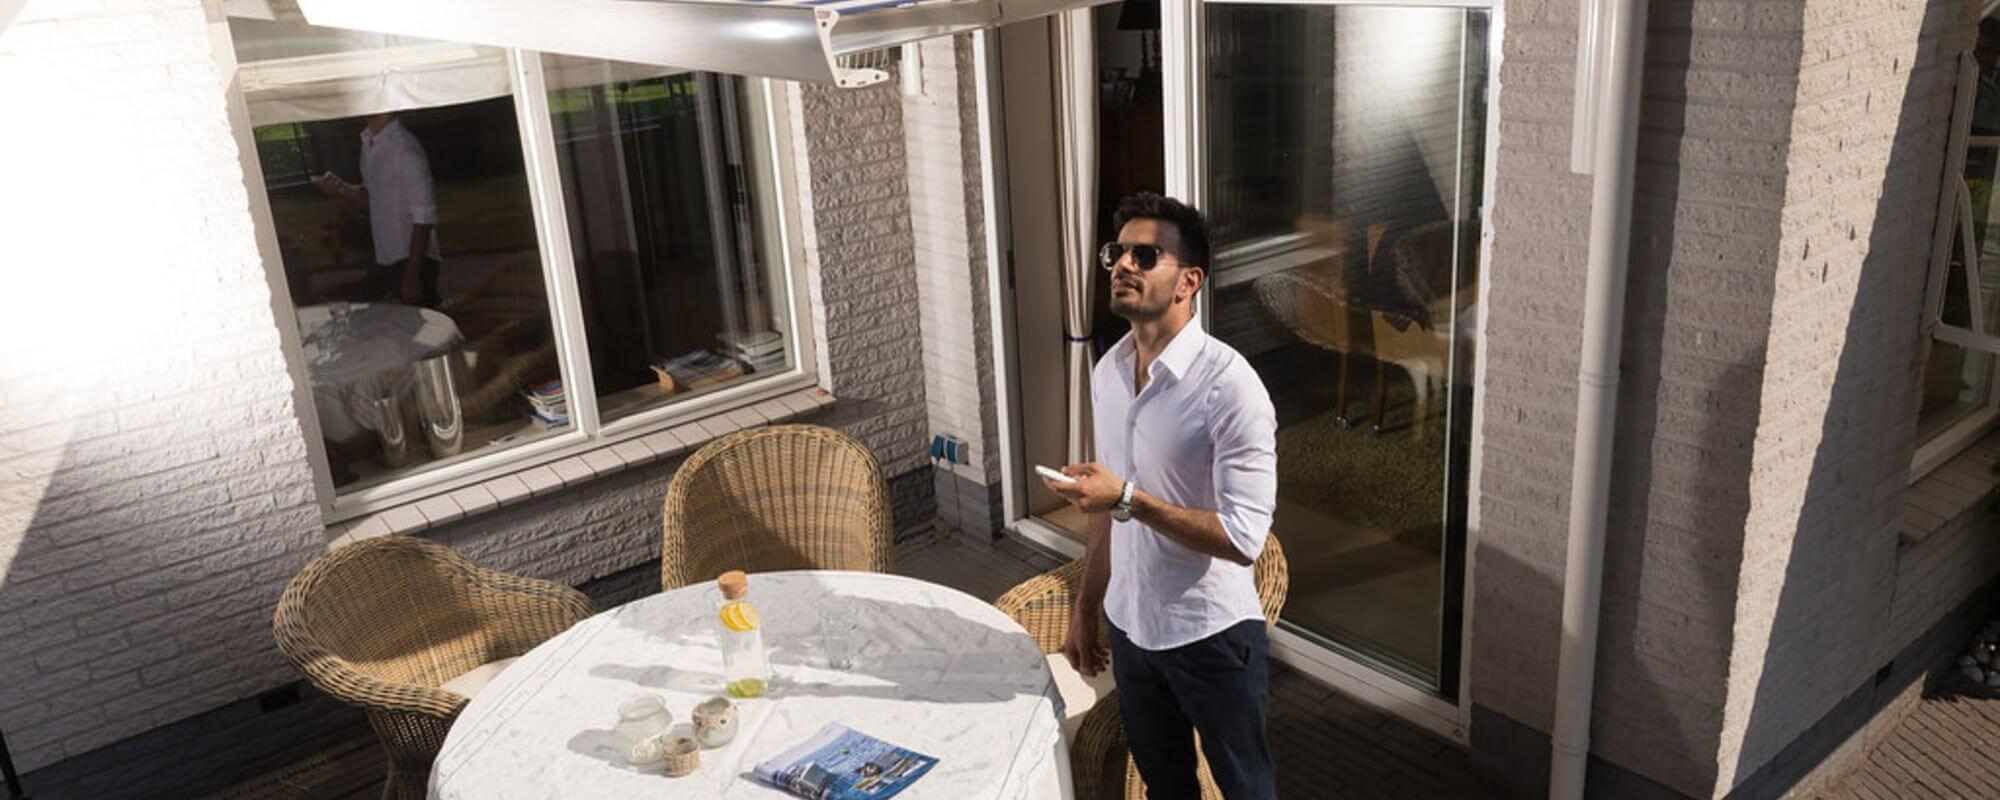 Zonwering schoonmaken: waarom, wanneer en hoe?